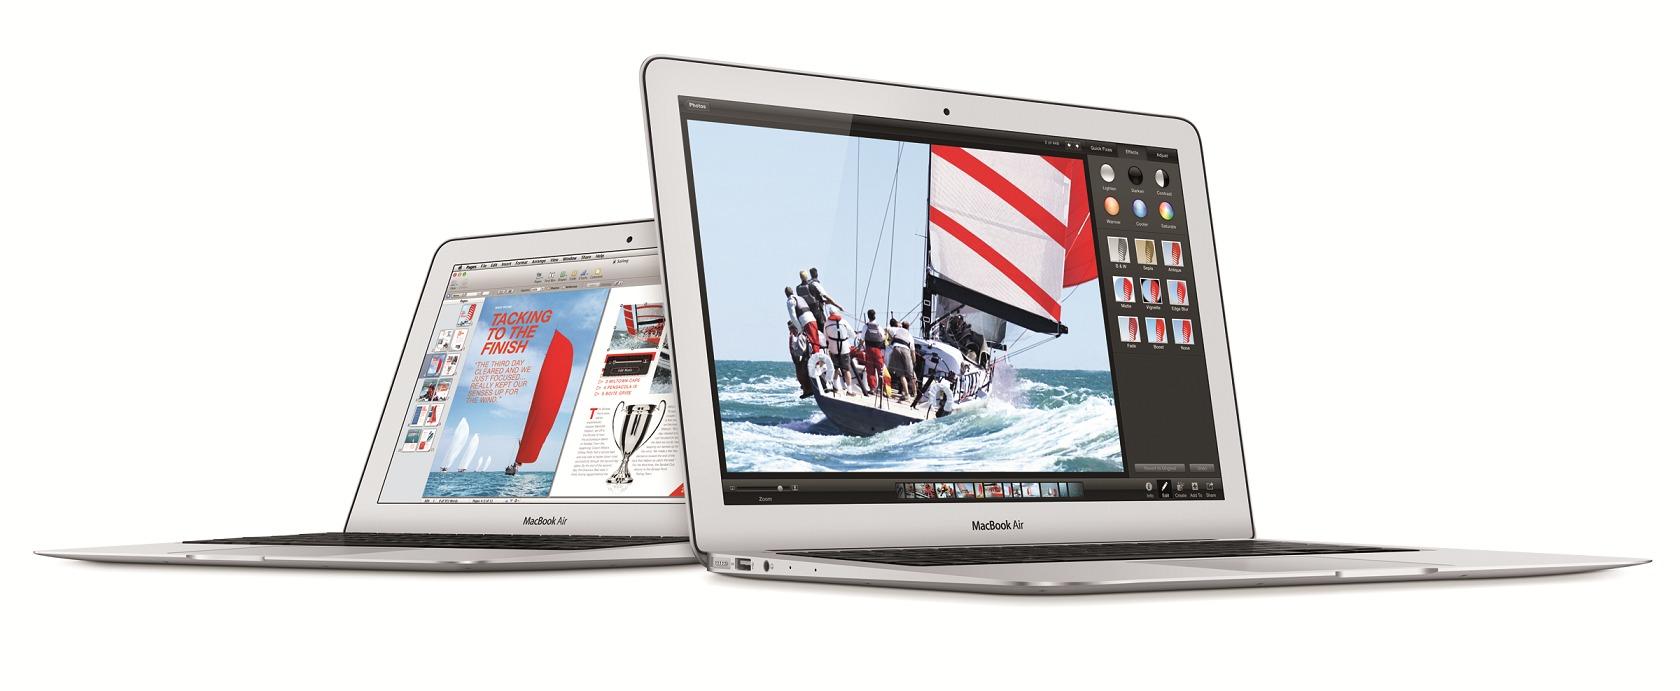 De seneste ryktene tyder på at Apple planlegger en 15-tommers MacBook Air.